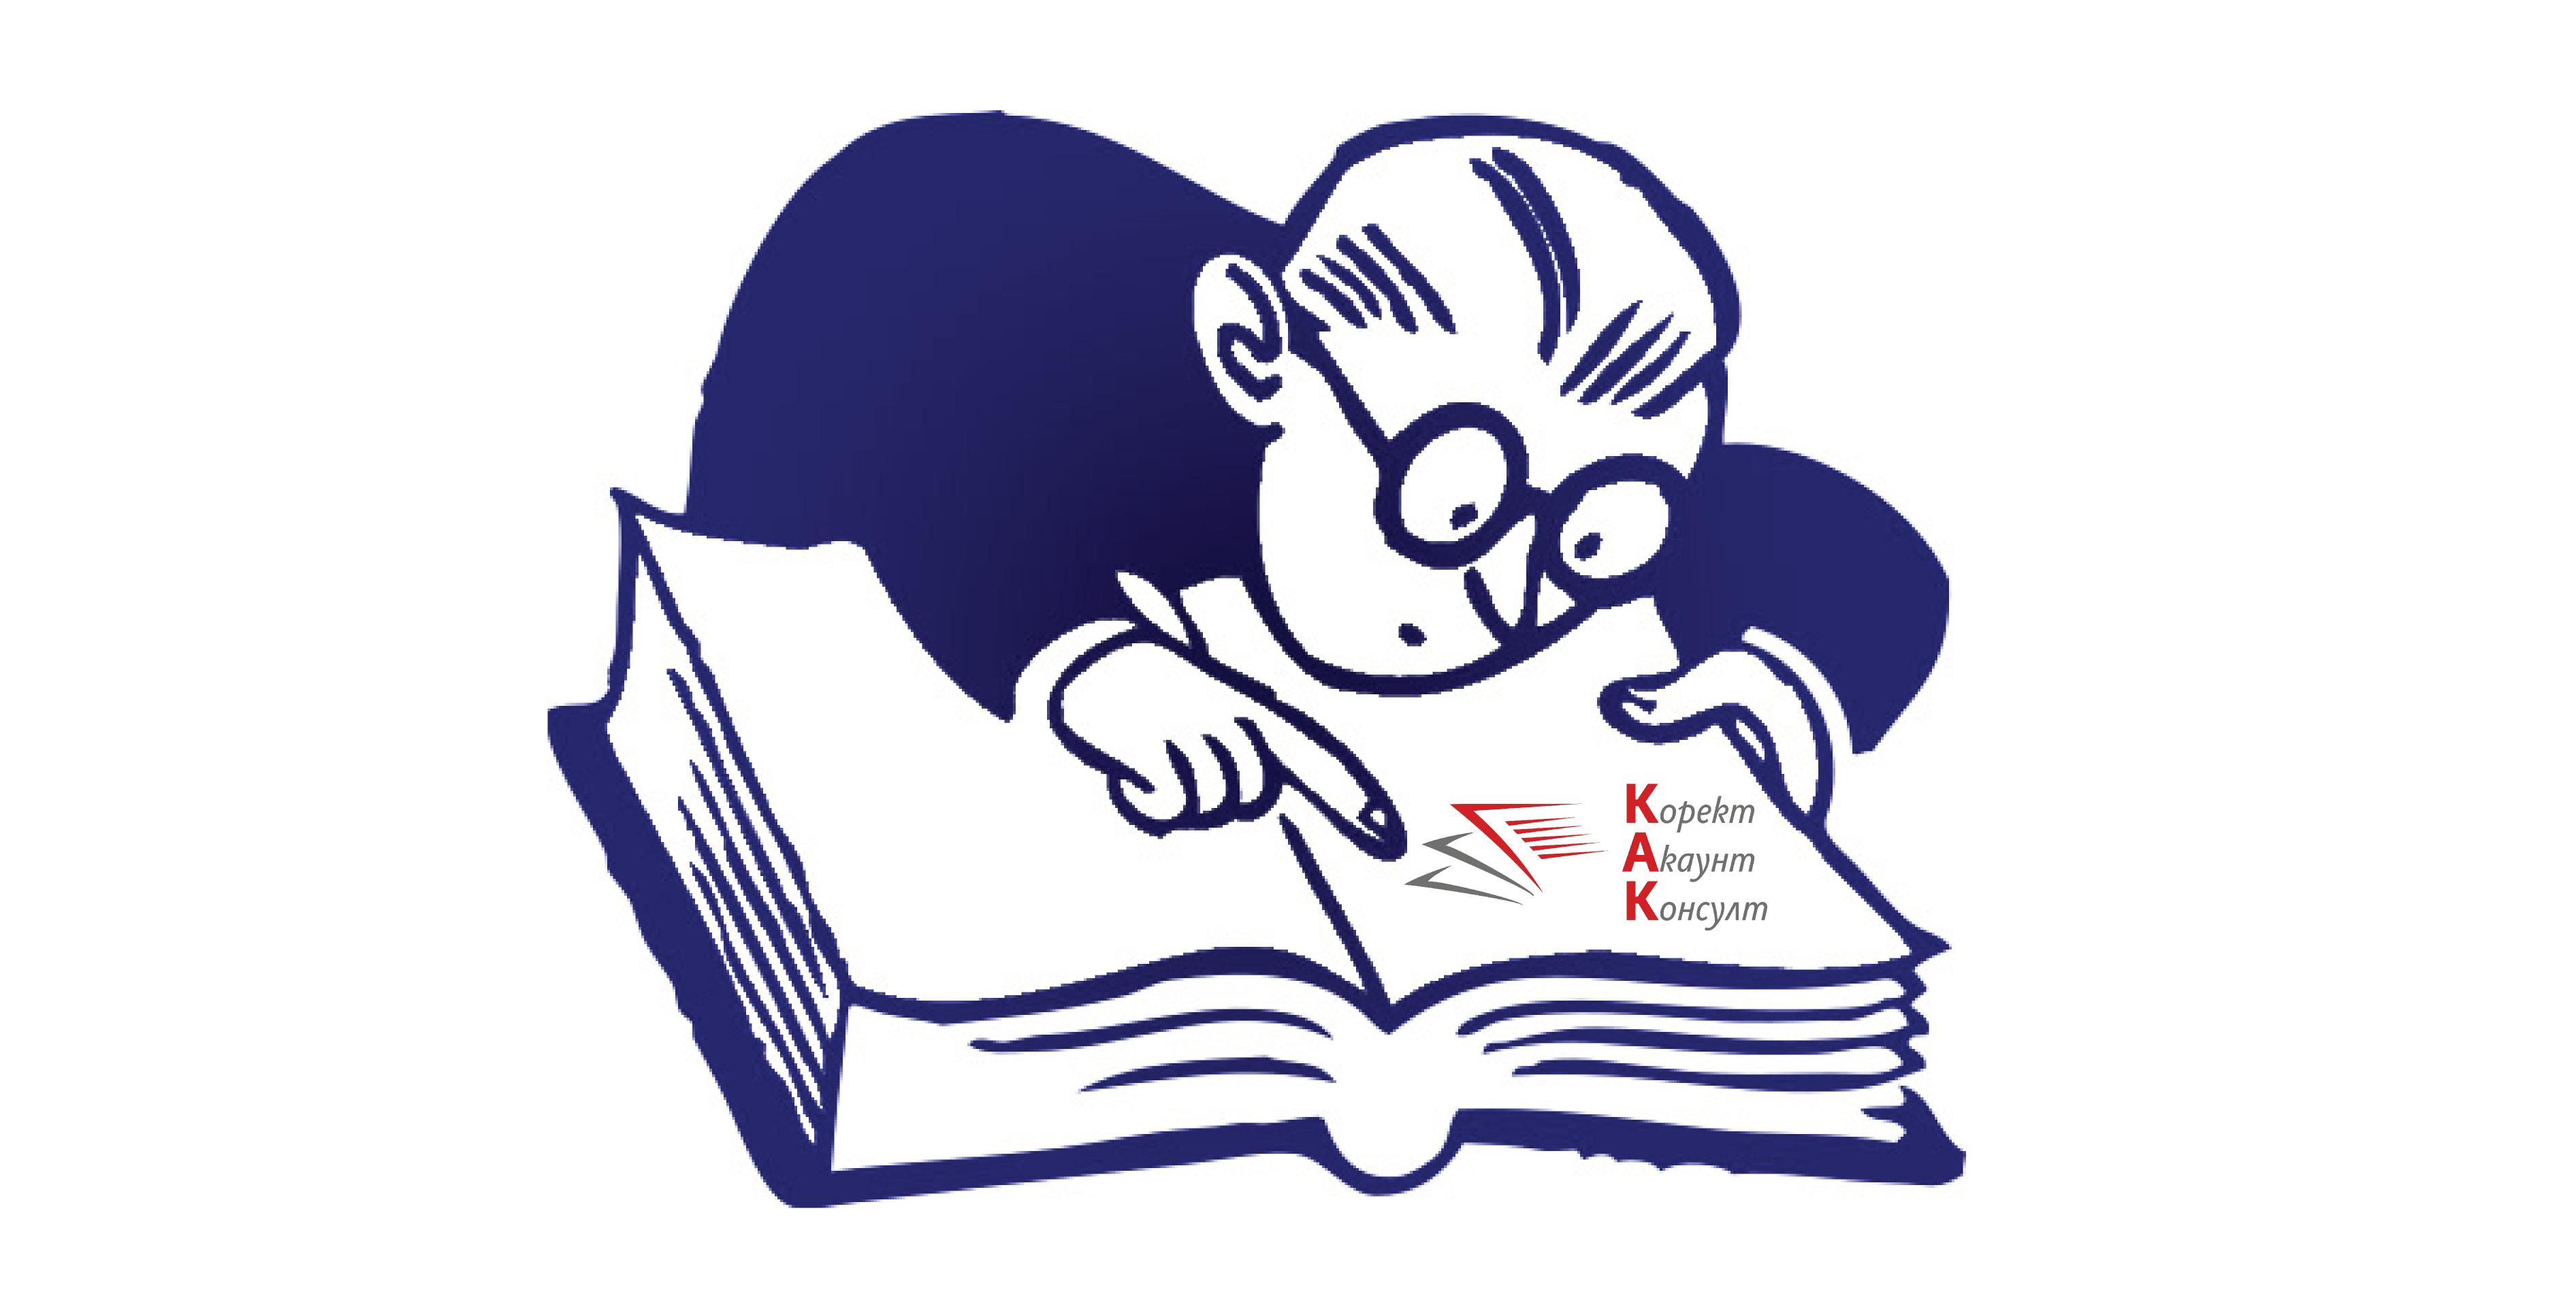 Критерии и процедури по одобряване, изменение или допълнение на Кодекс за поведение